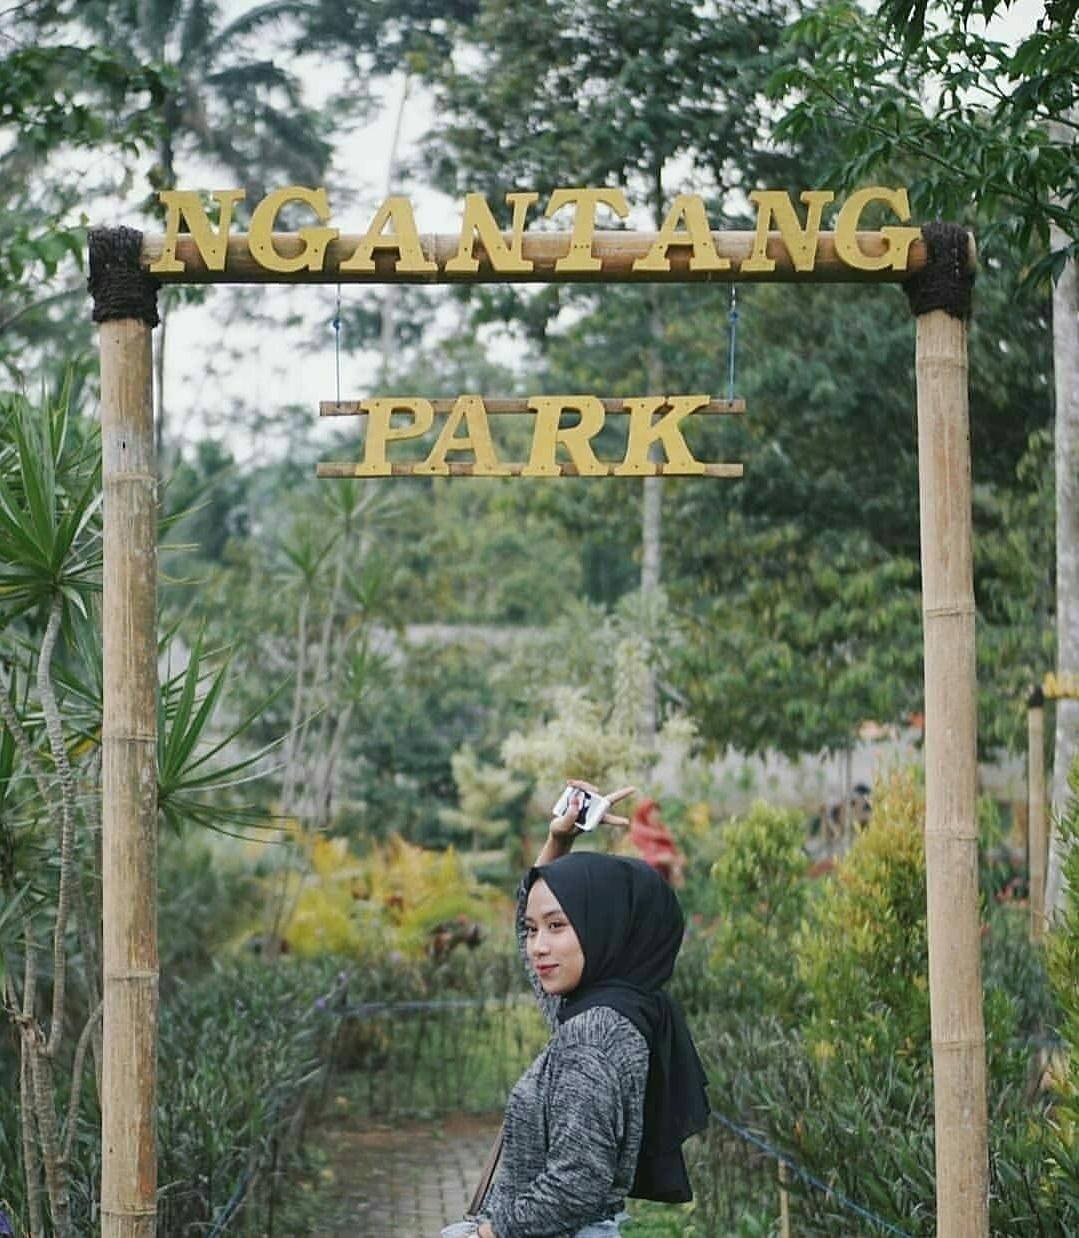 Ngantang Park Sumberagung Sumberagung Malang Jawa Timur